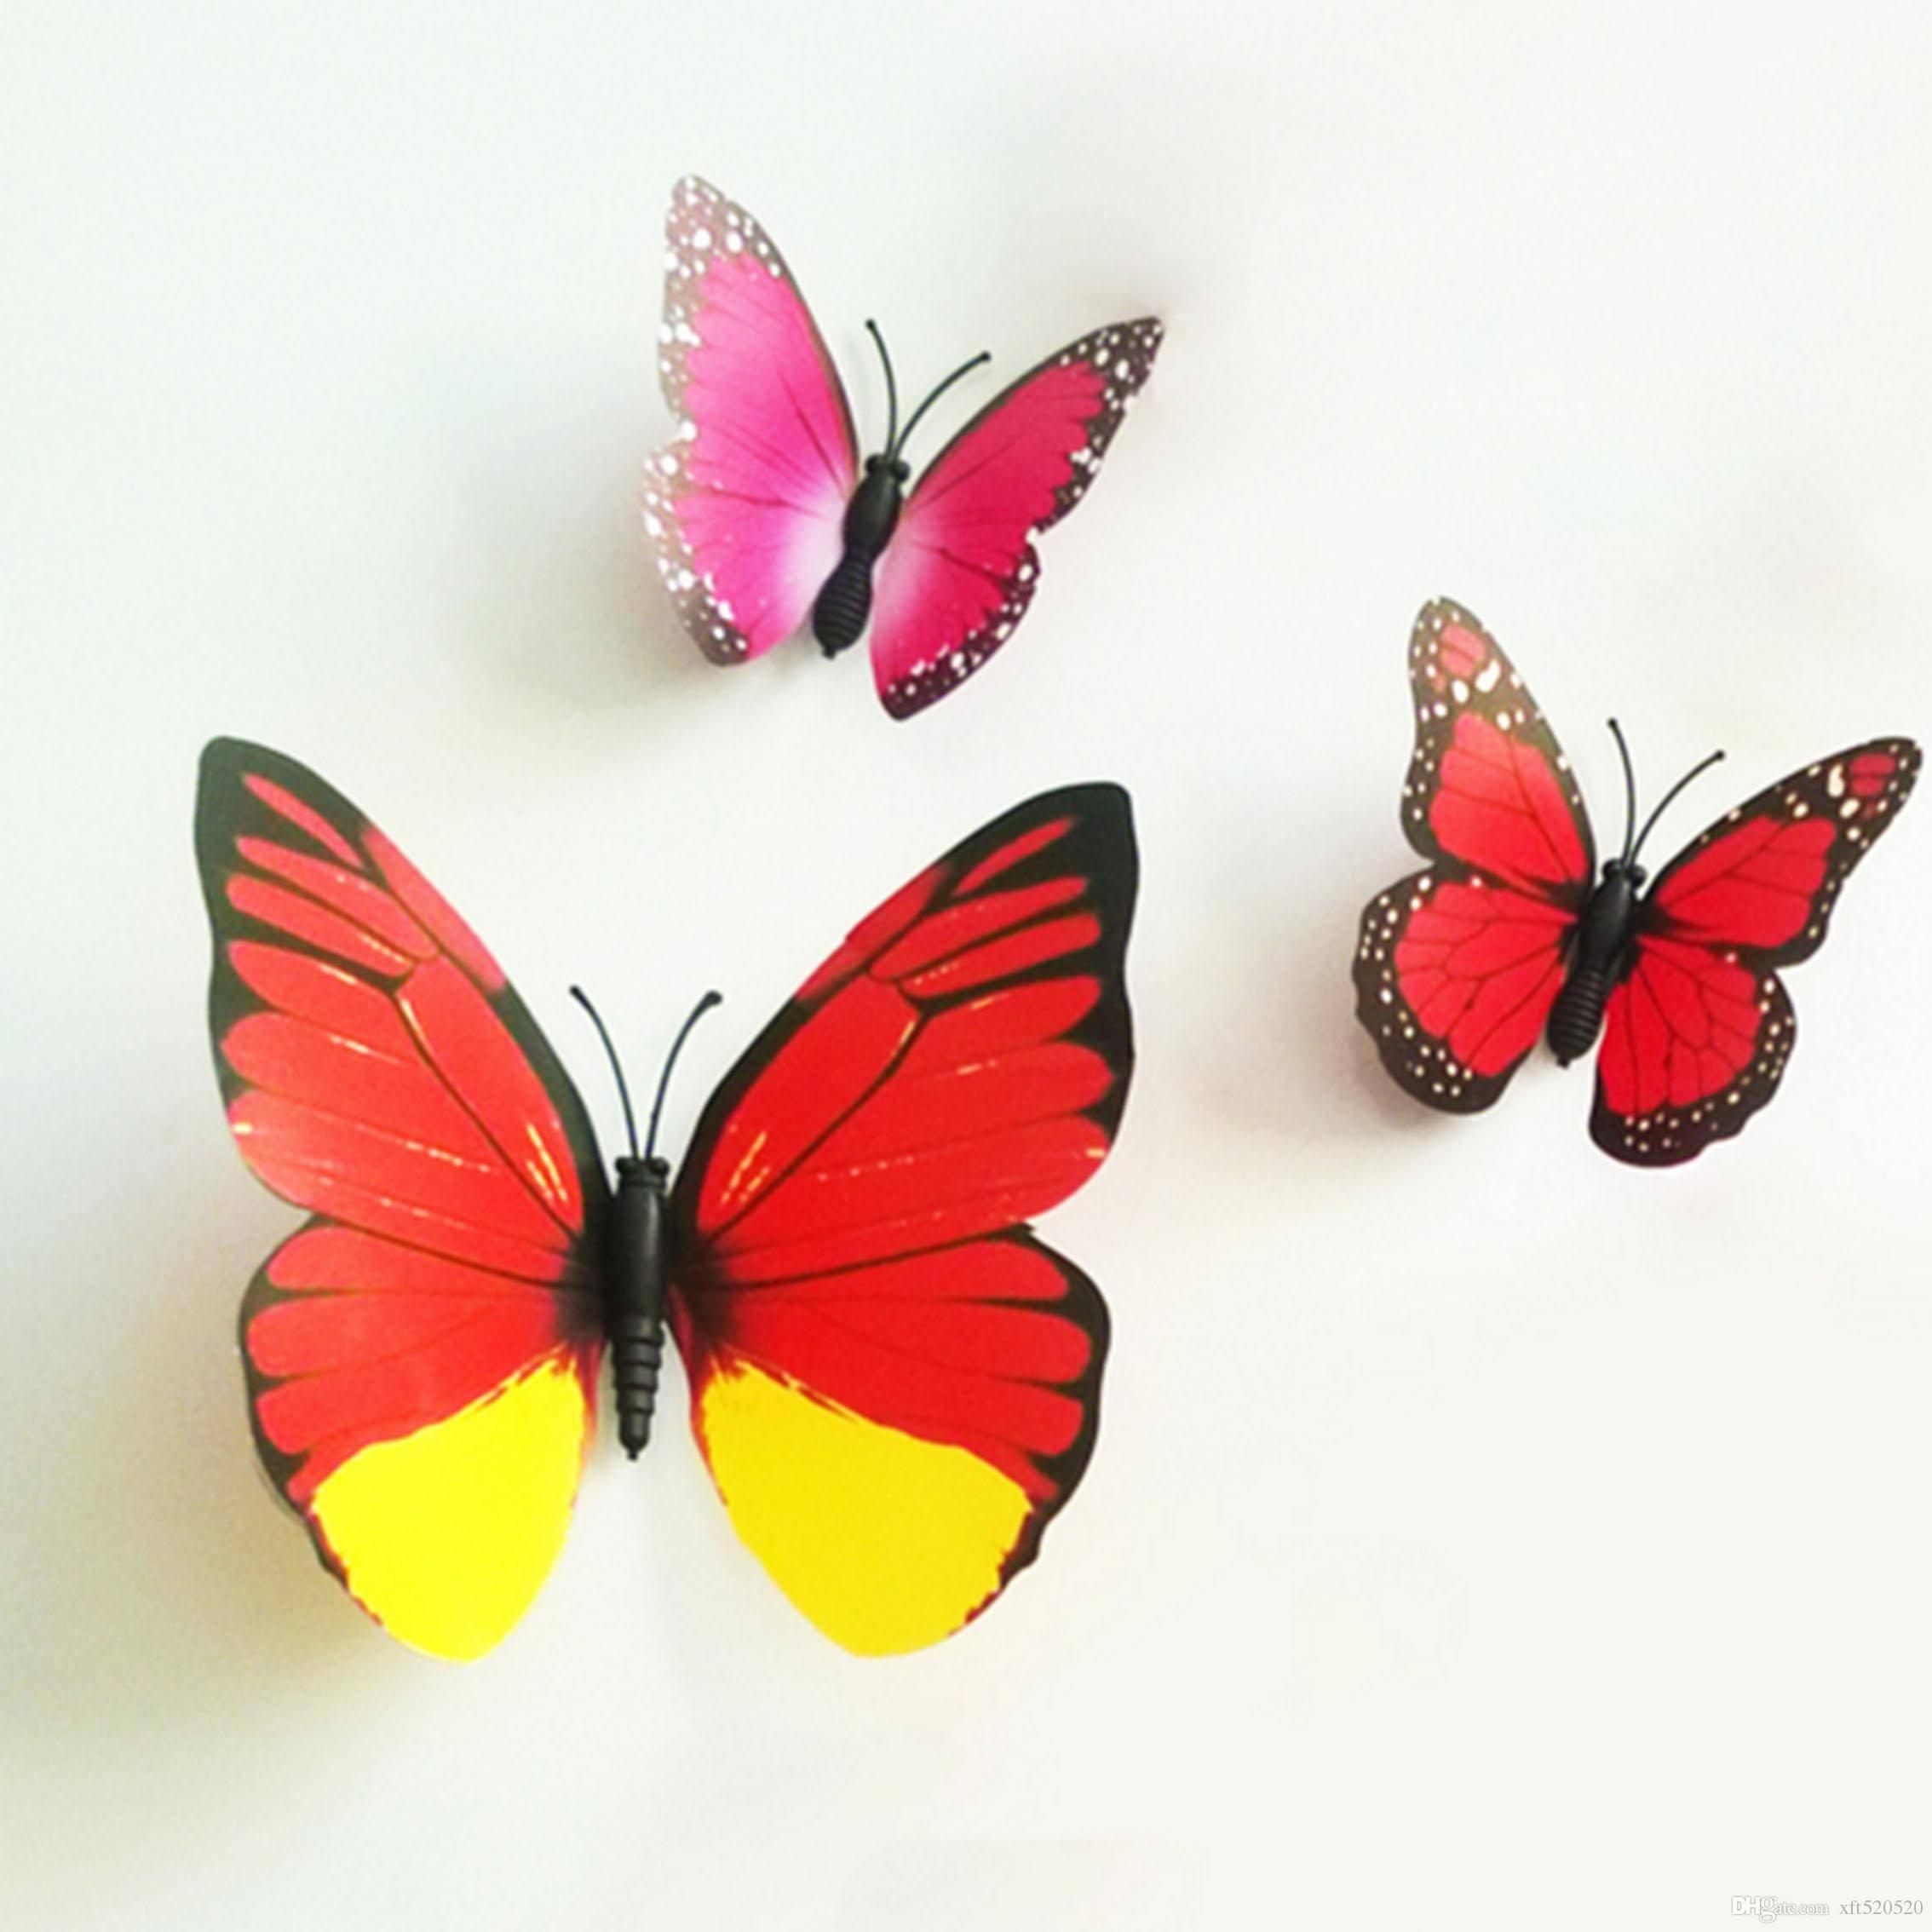 Pack Of 8 3D Butterfly Wall Stickers – Best Online Shopping Site Regarding Recent Butterflies Wall Art Stickers (View 19 of 20)